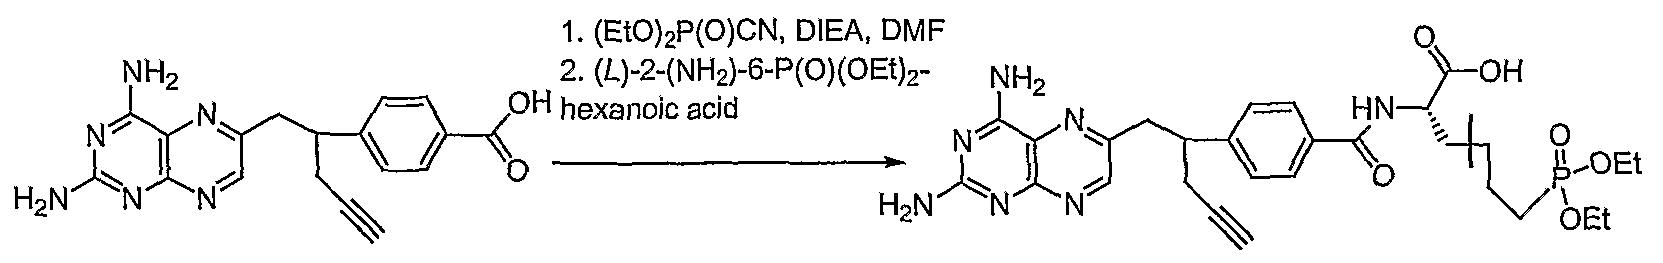 Figure imgf000359_0001